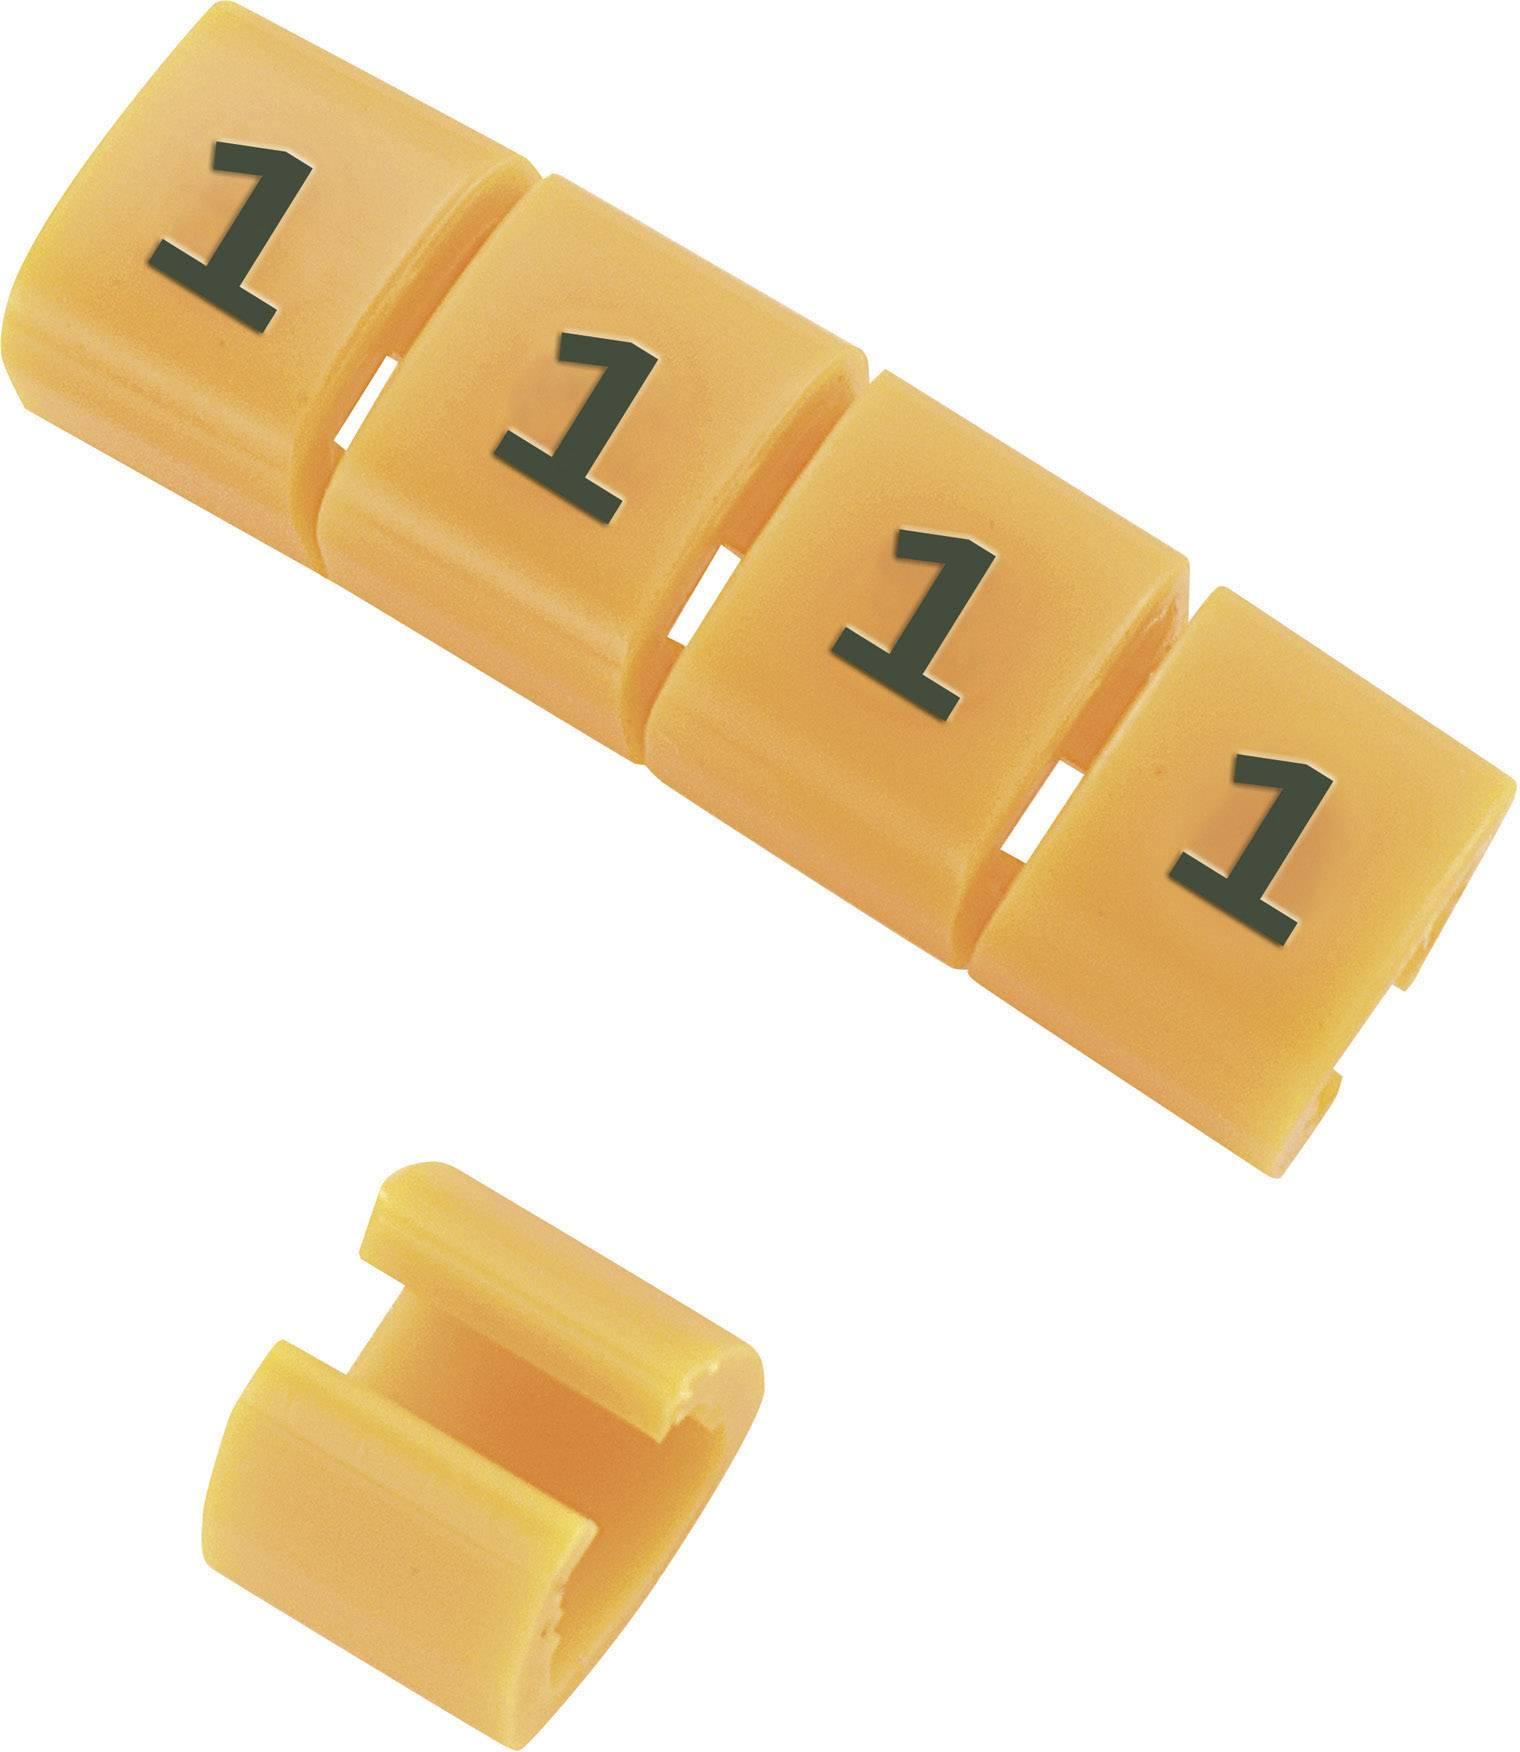 Označevalni tulci MB številčne oznake: 10 MB1/0 KSS, 10 kosov